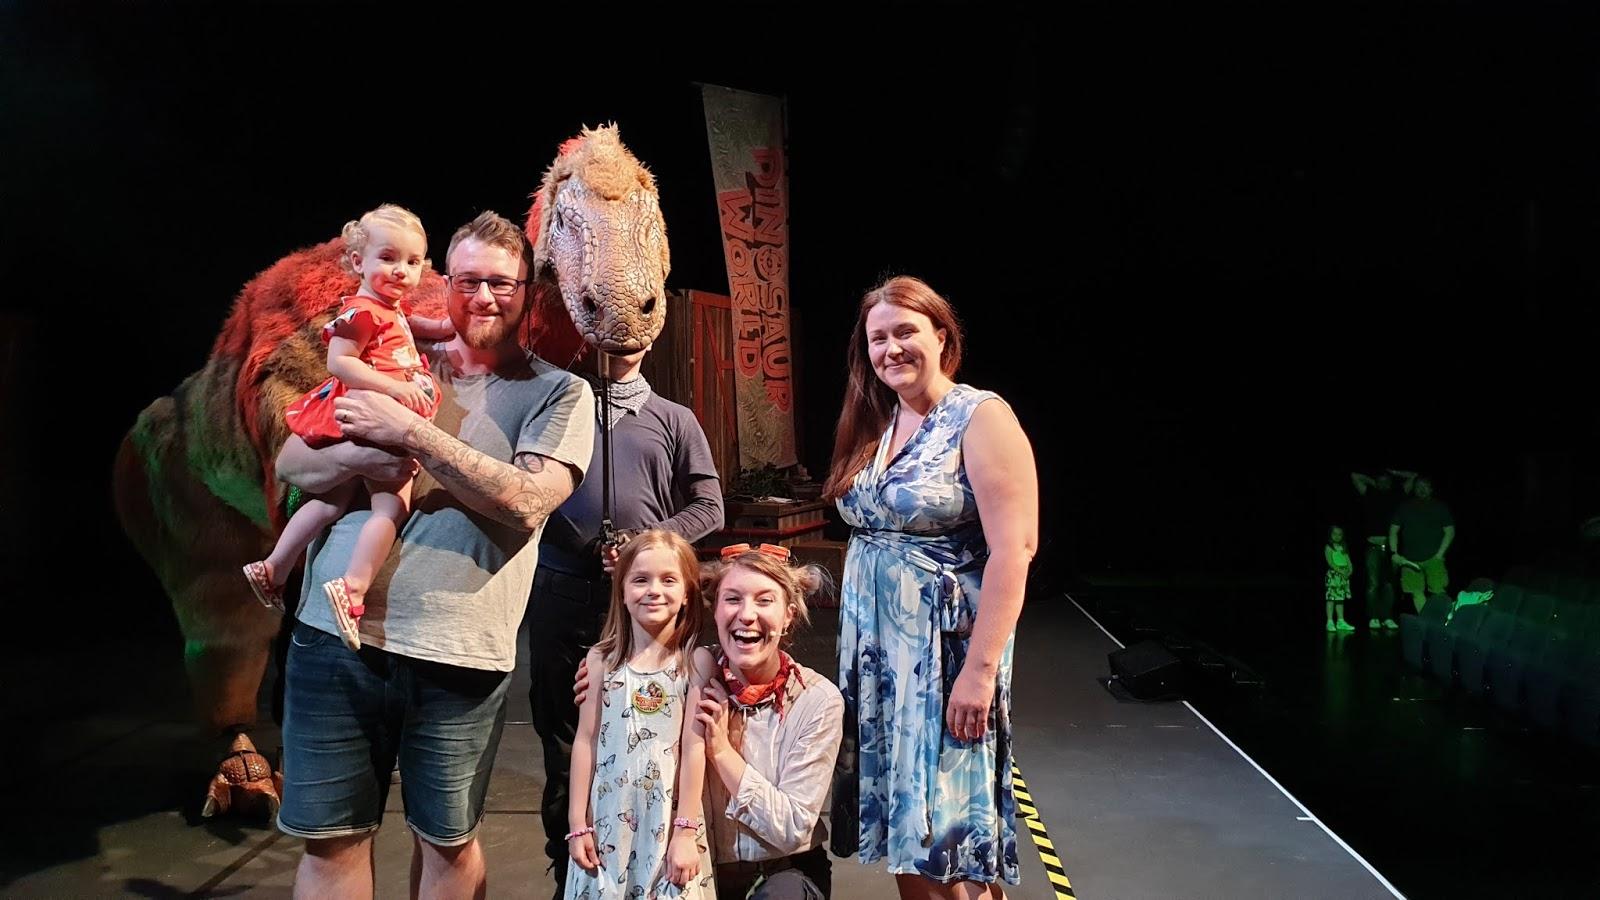 dinosaur family photo